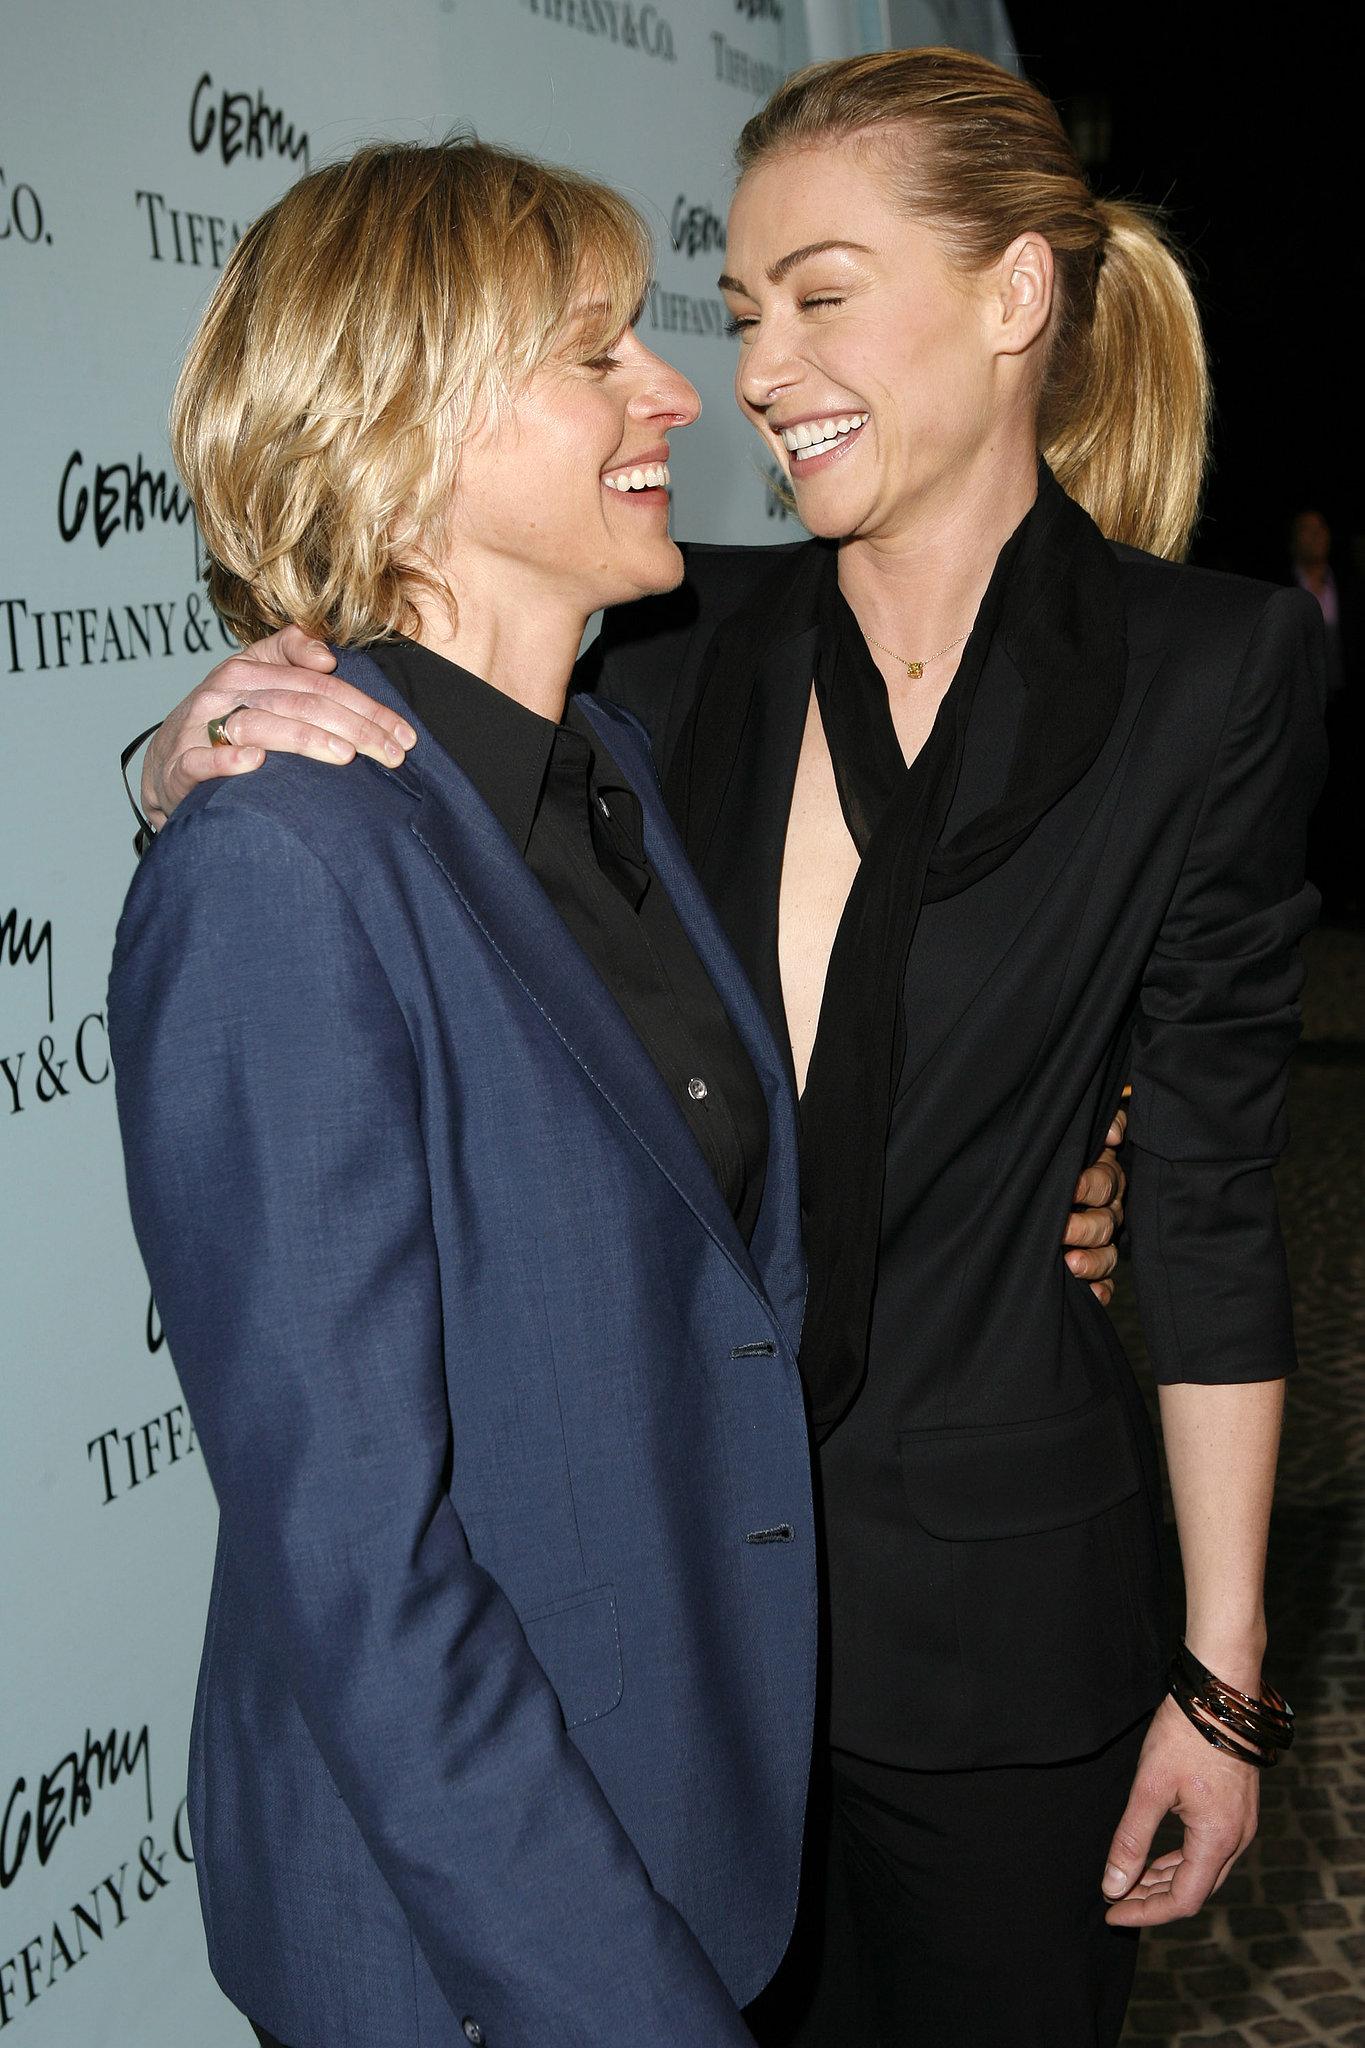 Ellen degeneres and portia de rossi 2013